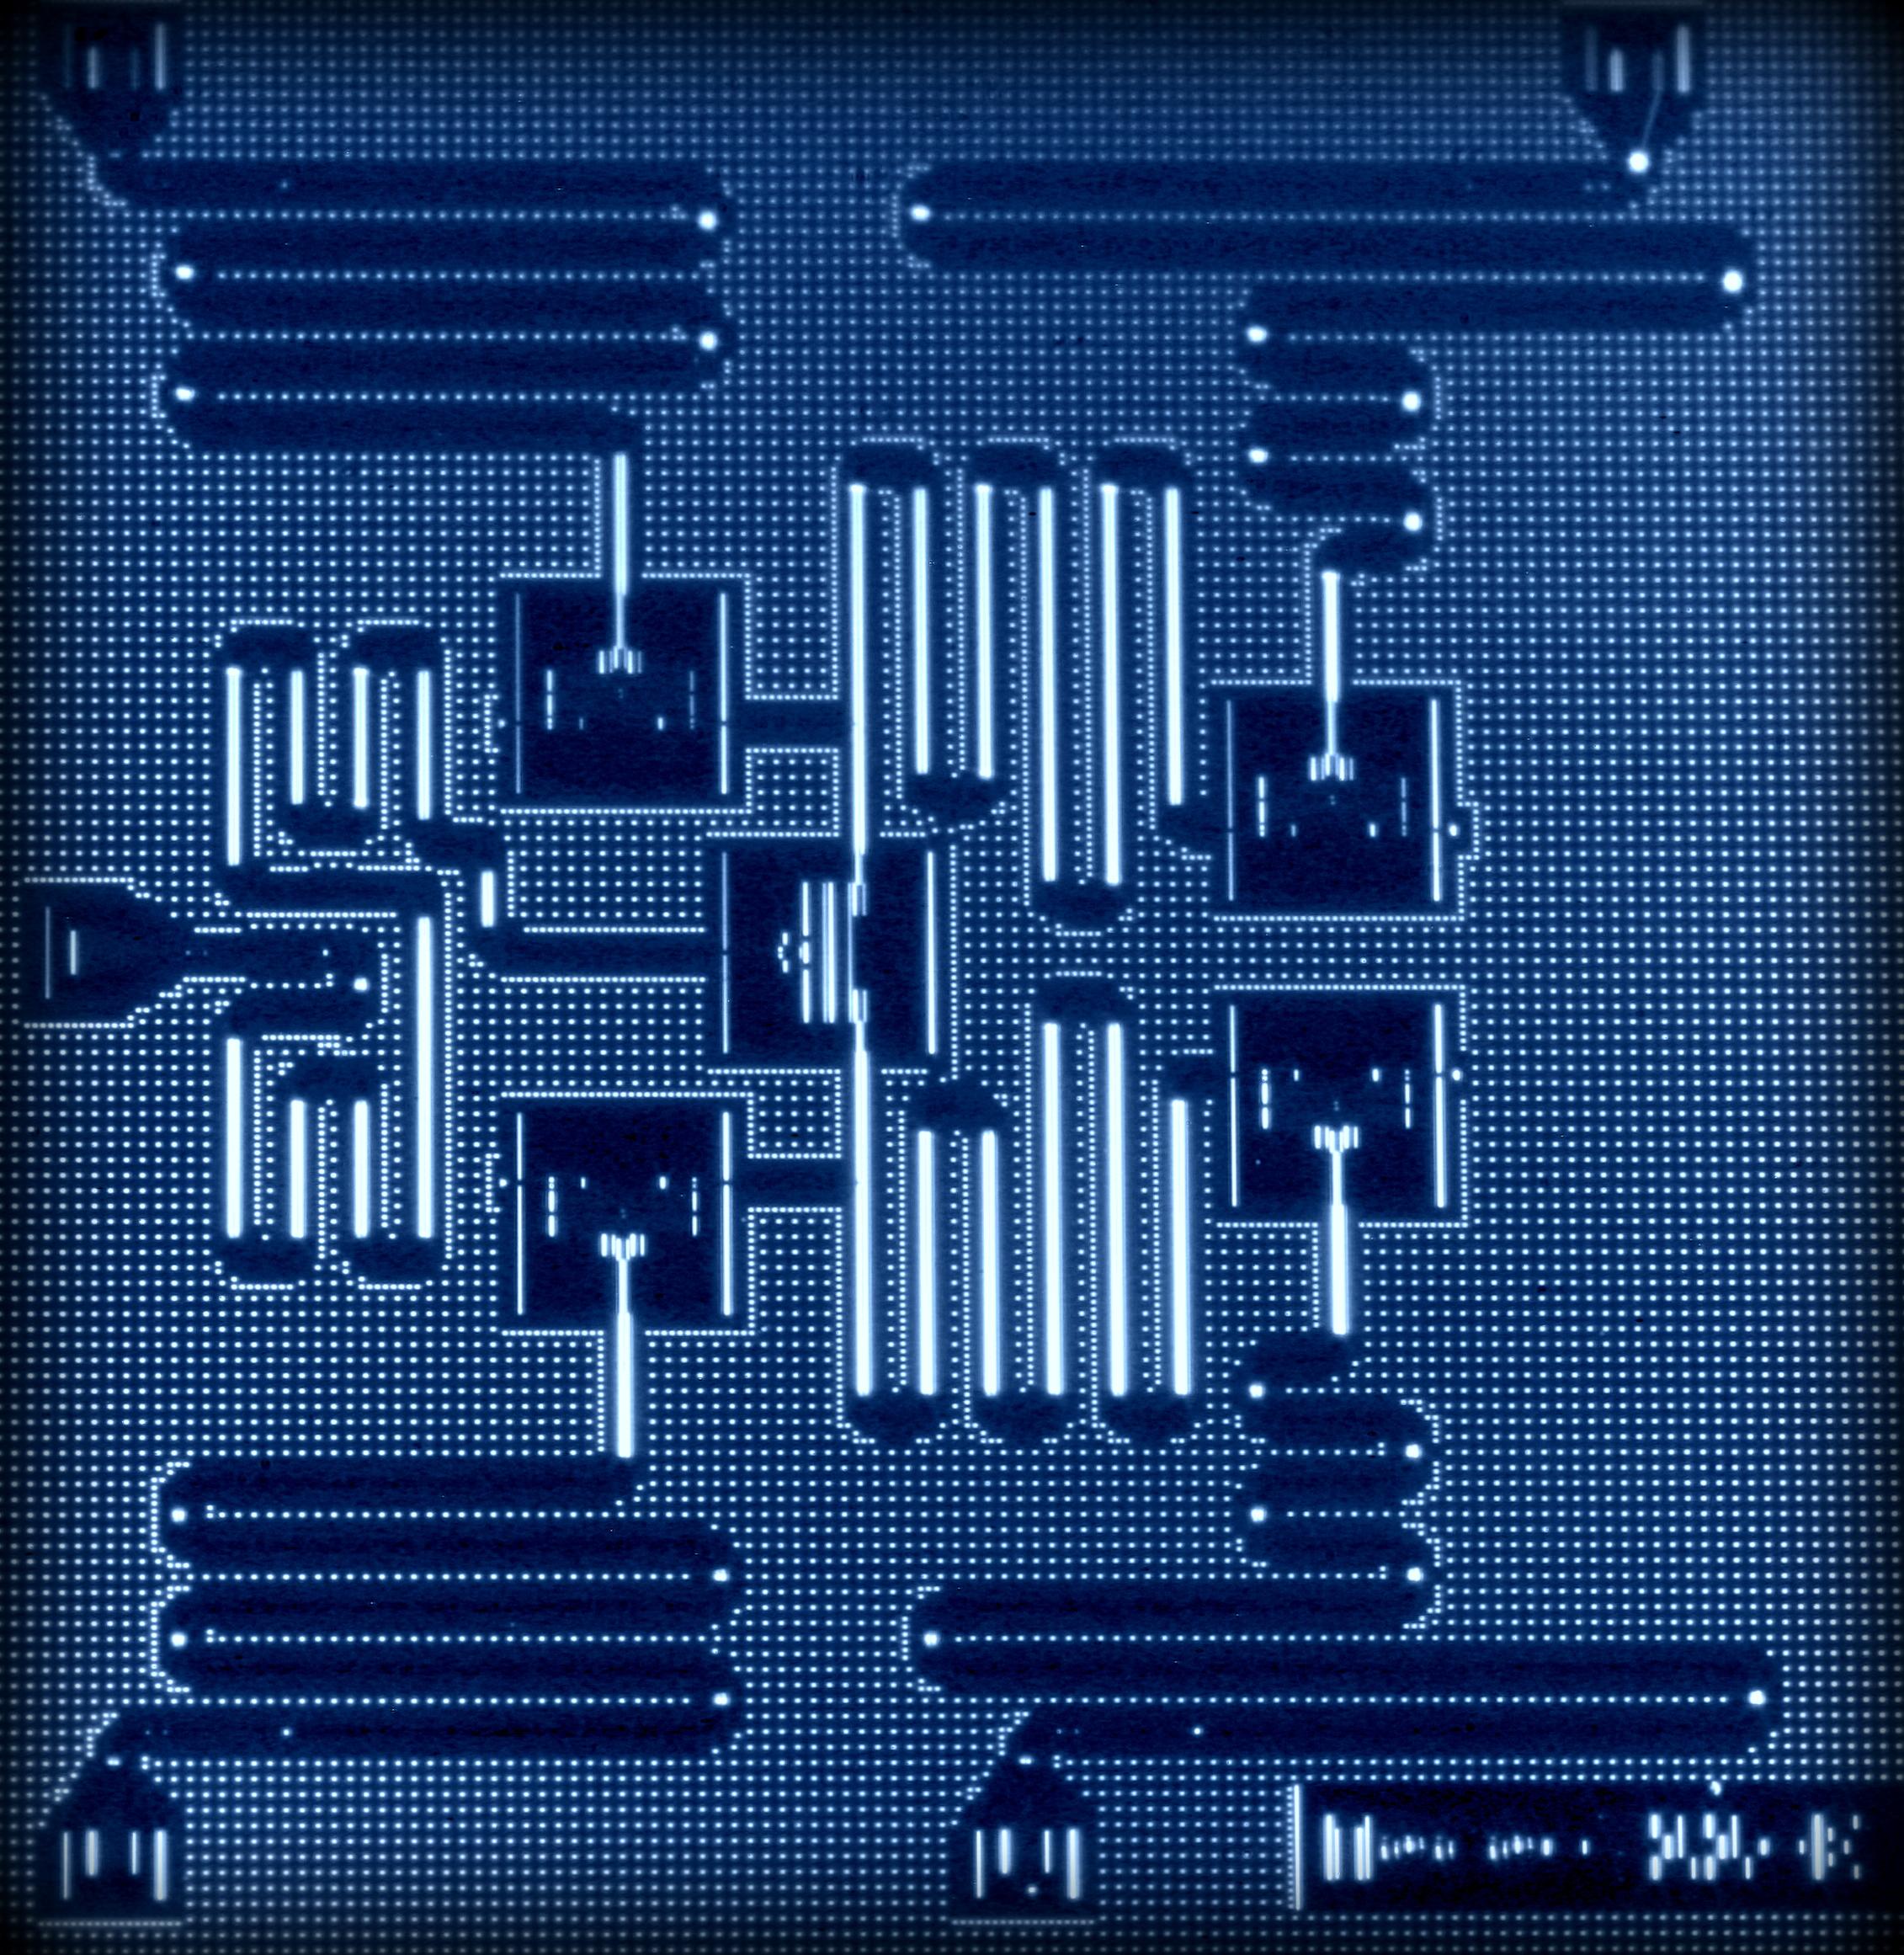 آي بي إمترغب في جلب الحواسيب الكَمية إلى السوق خلال السنوات المقبلة - عالم التقنية